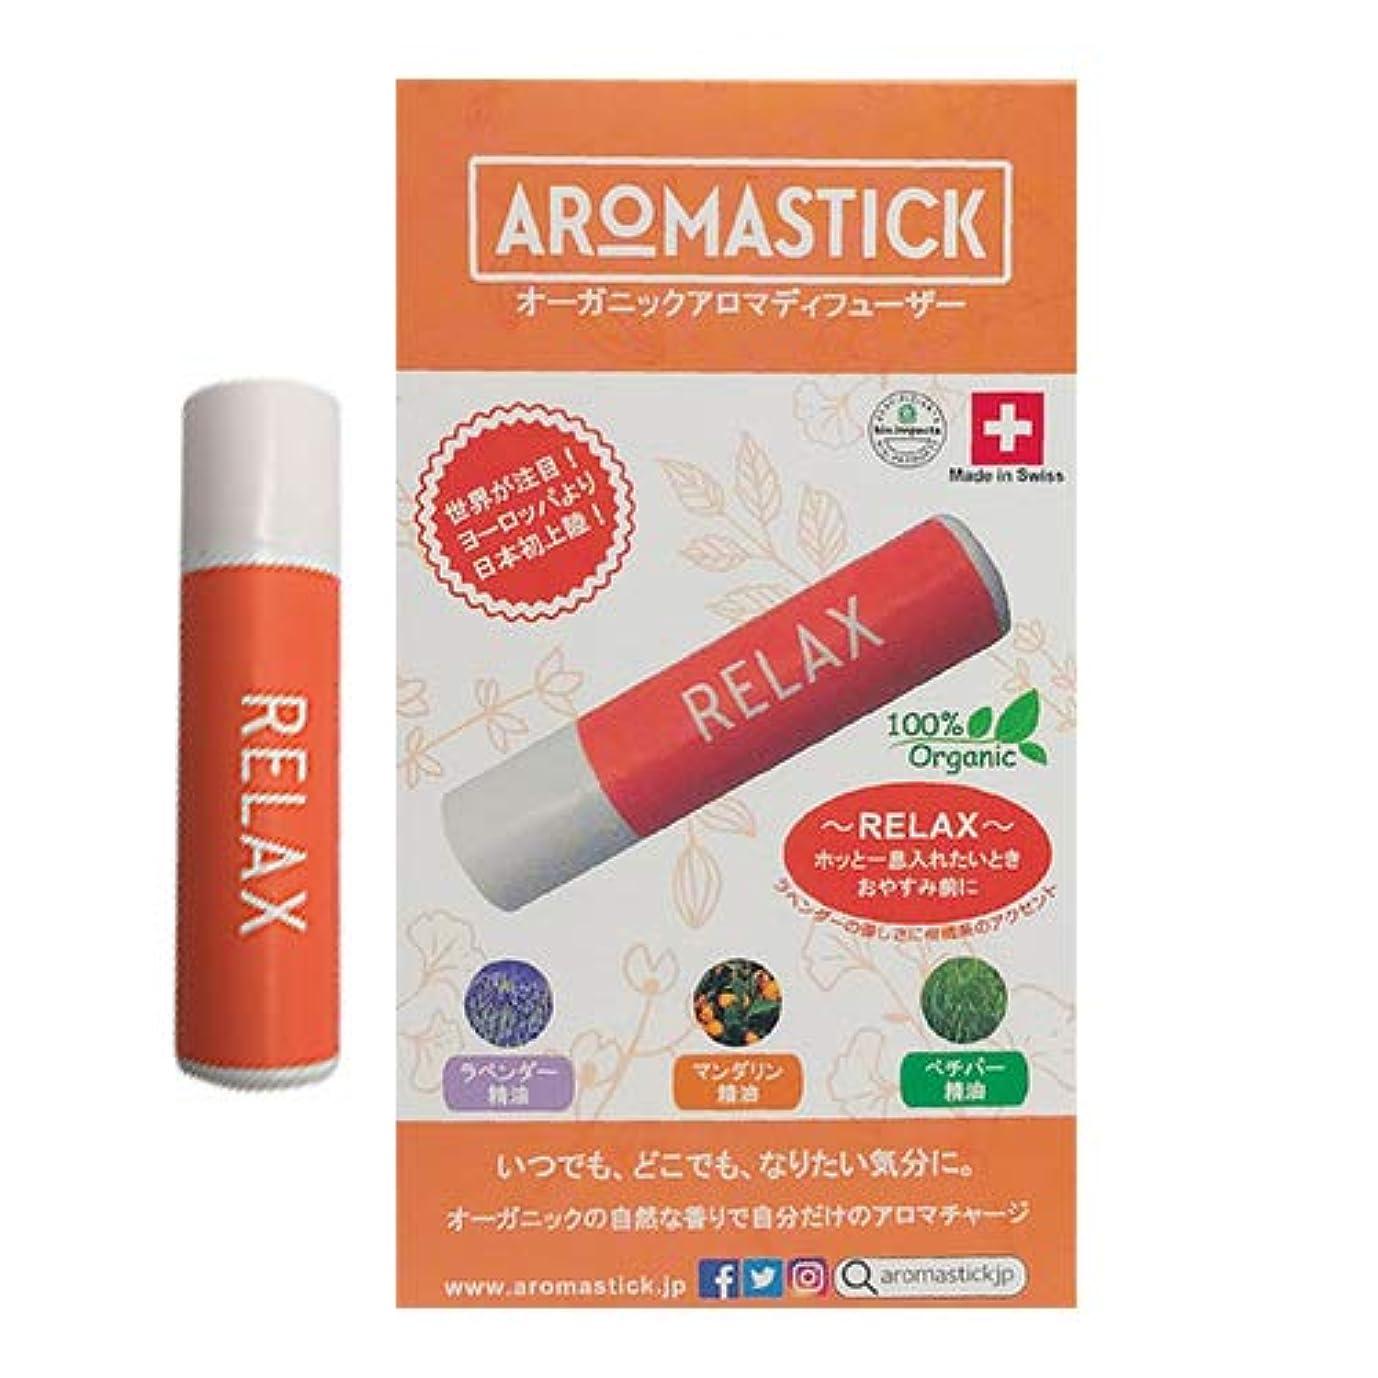 トマト異常計画オーガニックアロマディフューザー アロマスティック(aromastick) リラックス [RELAX]